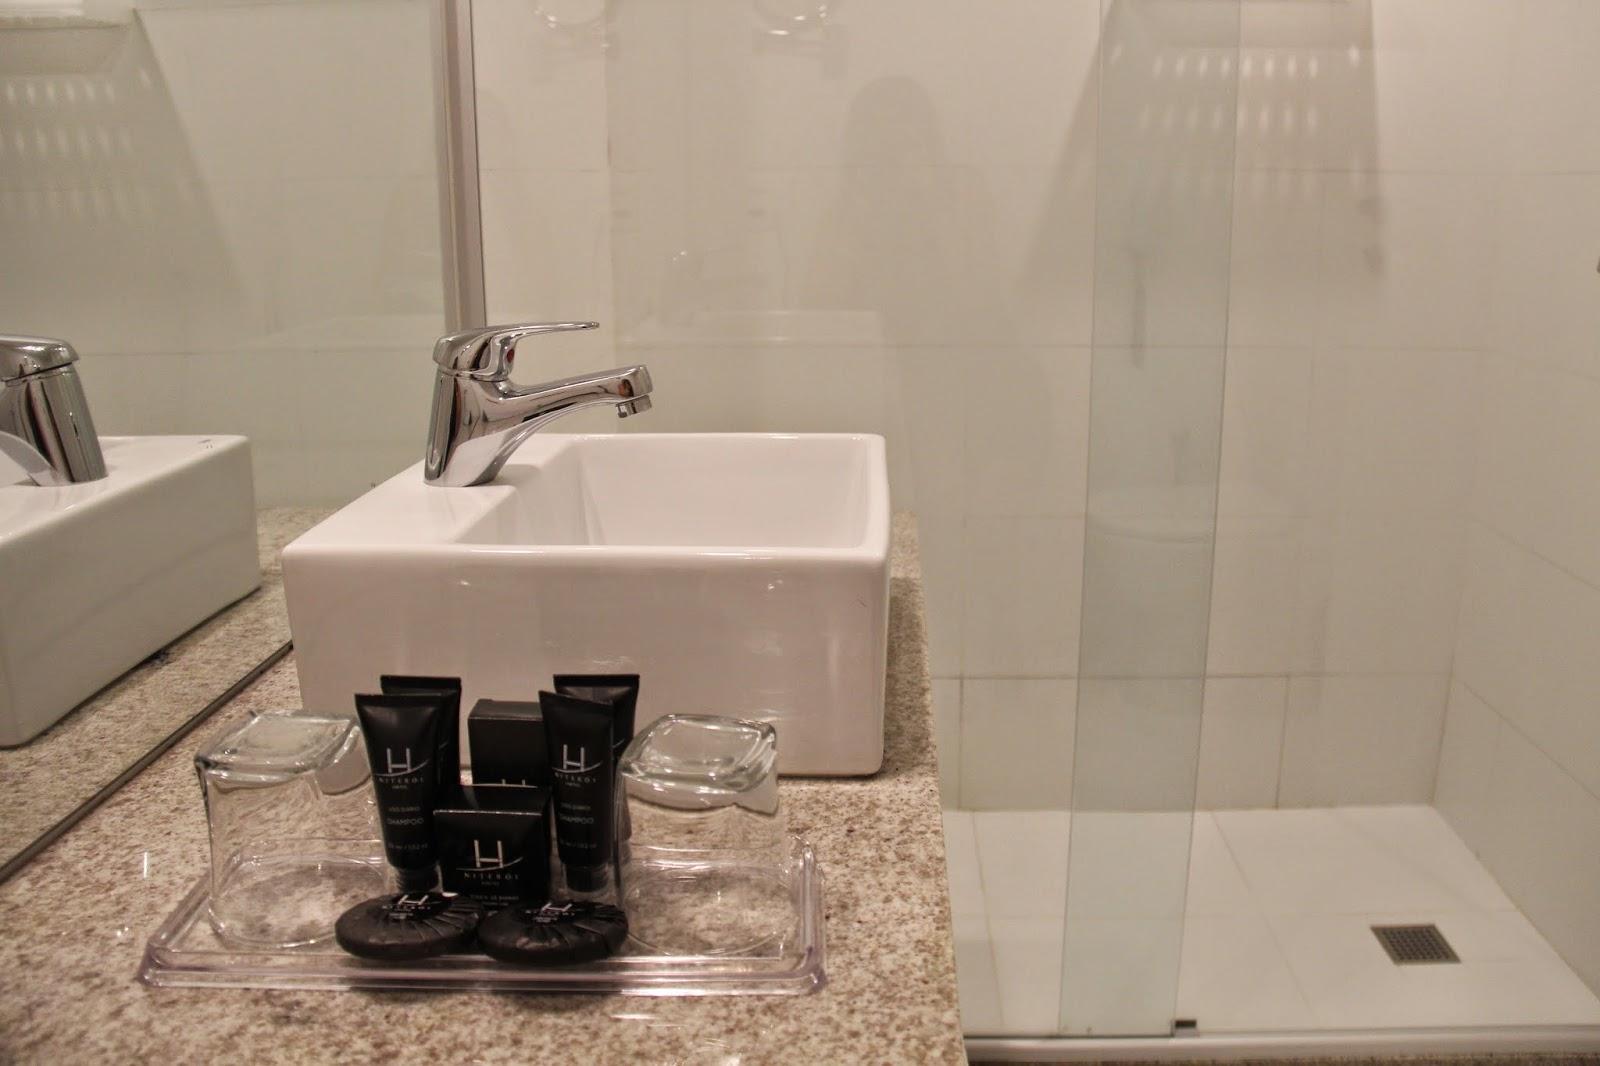 Blog Apaixonados por Viagens: Hotel Review: H Niterói Hotel e um  #846047 1600 1066